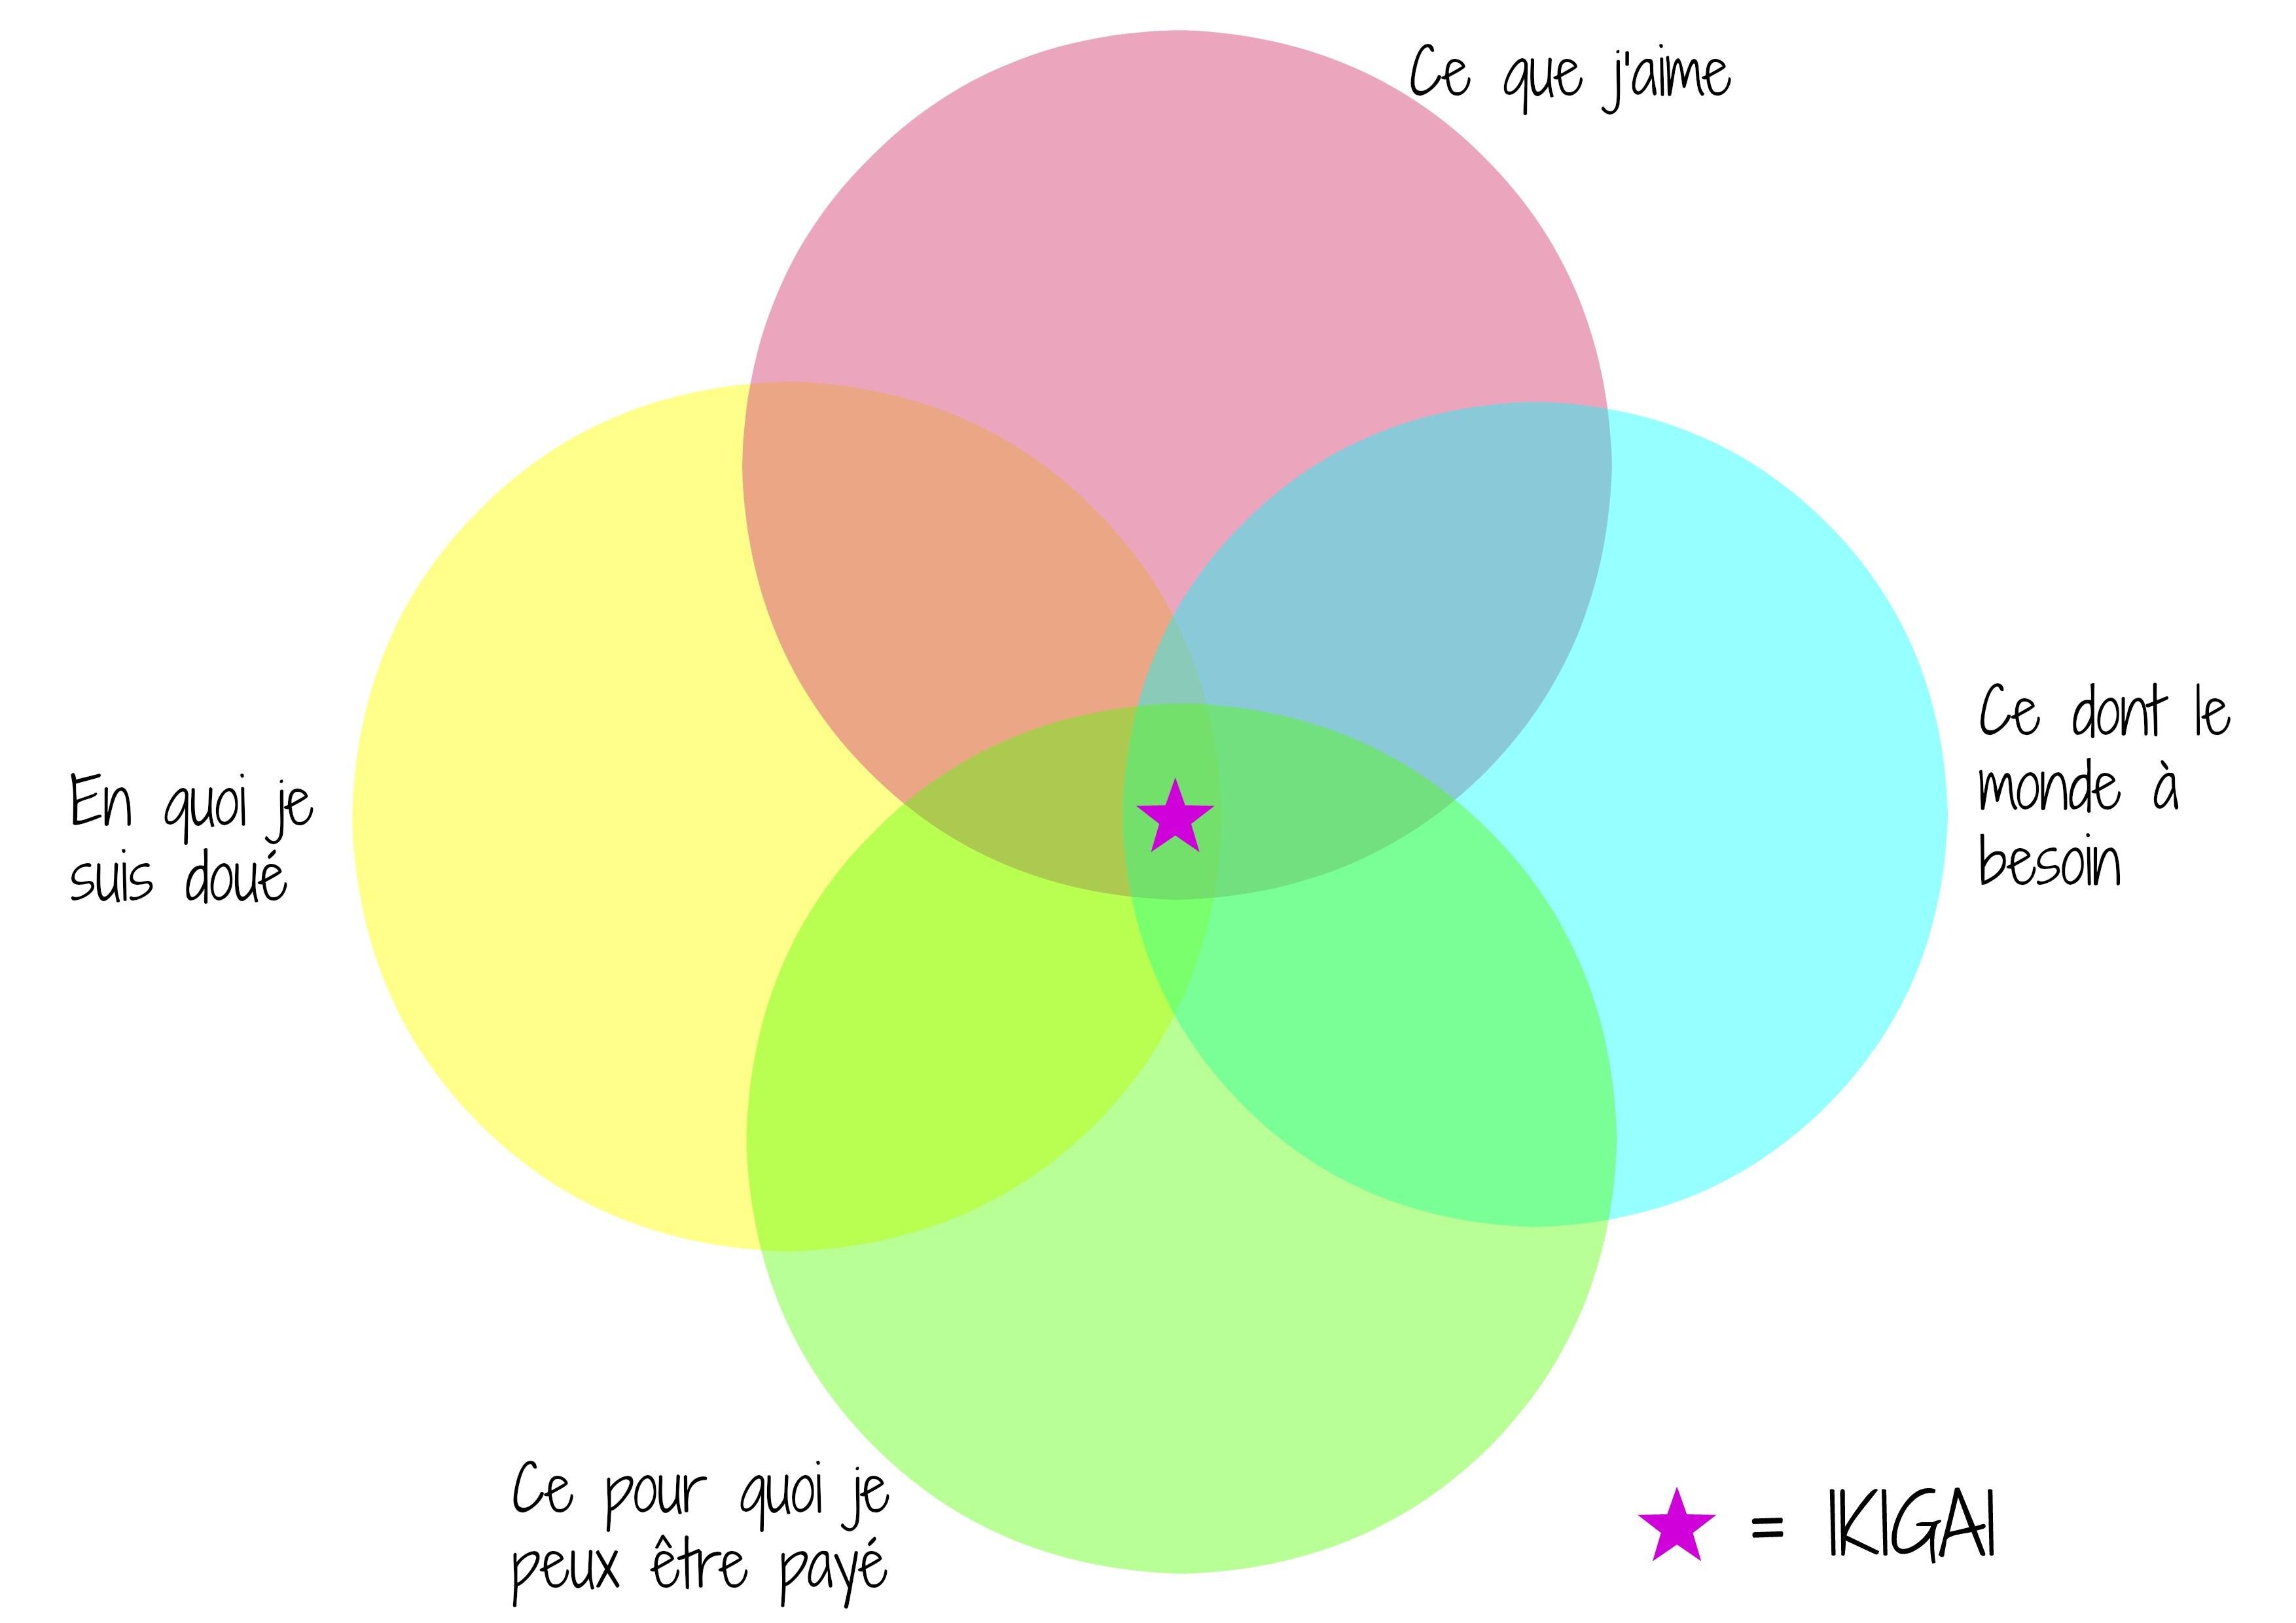 Ikigai_exercice